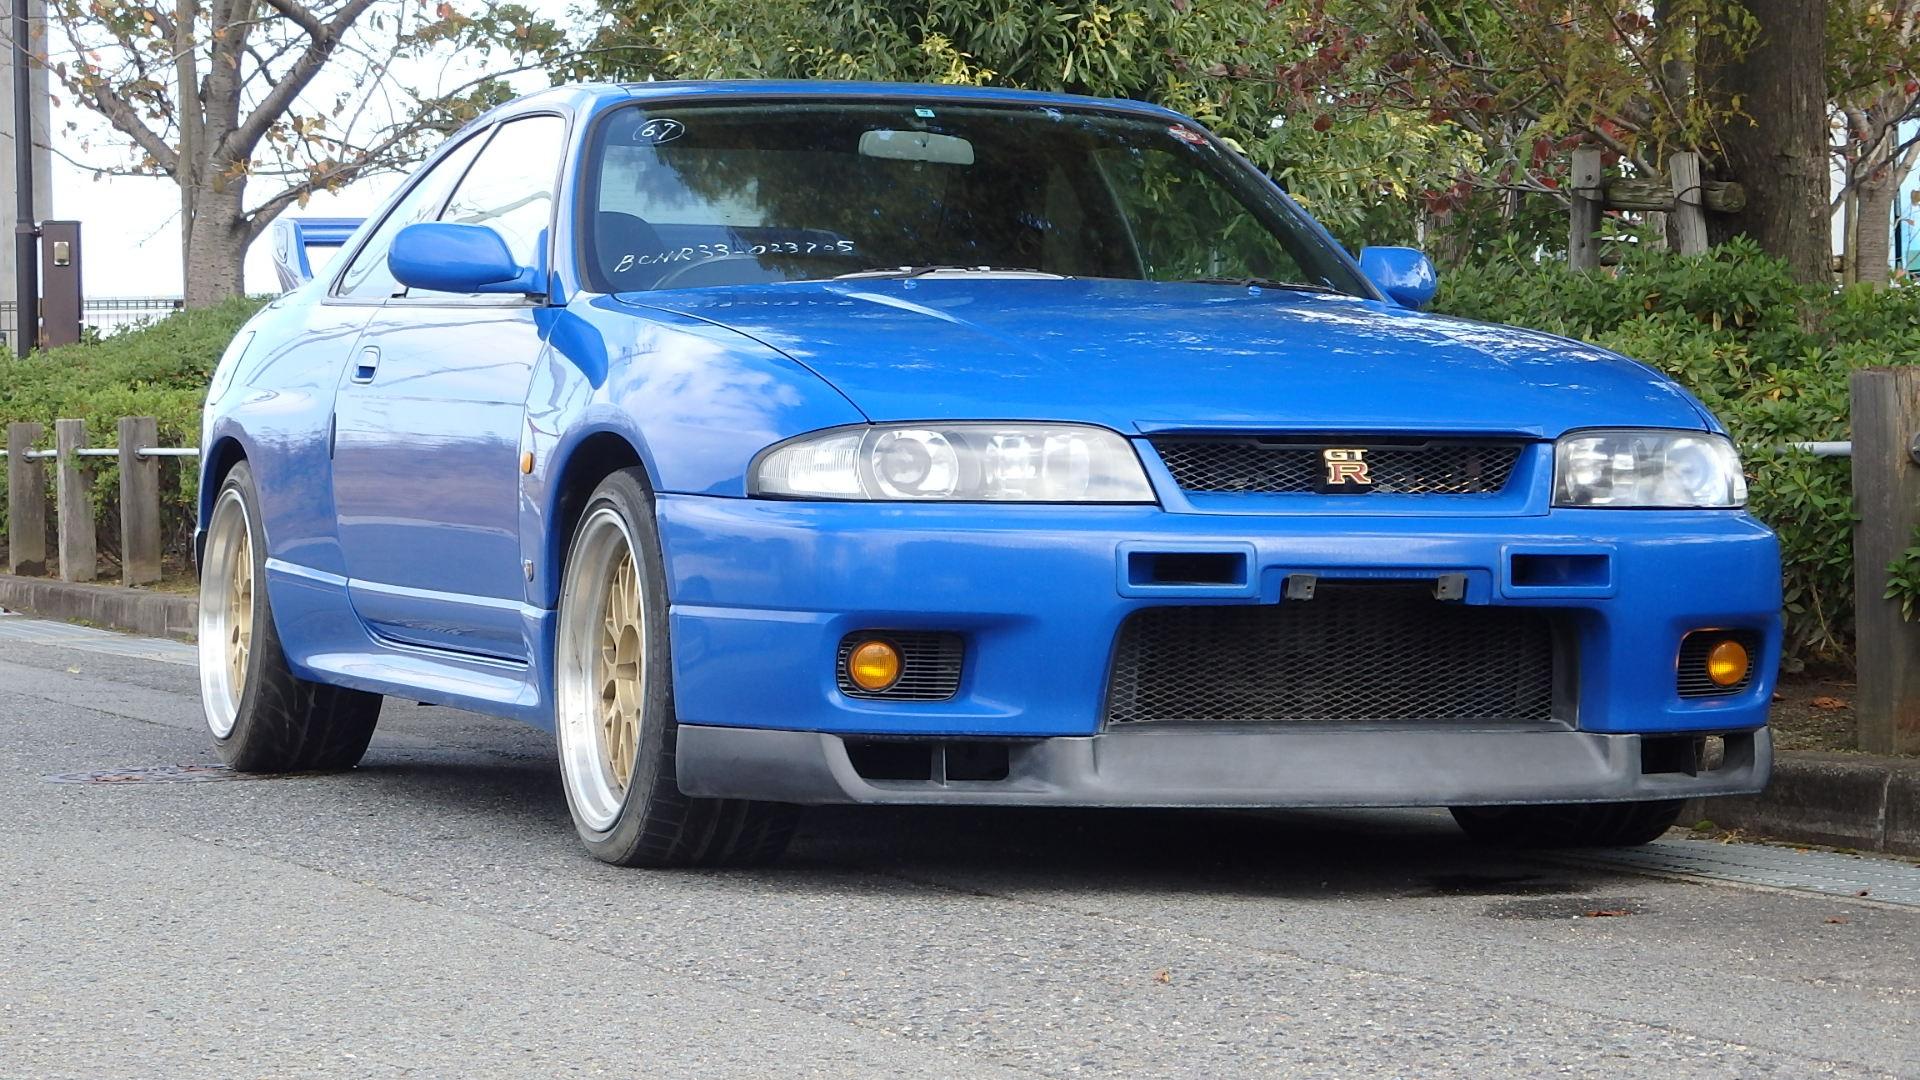 Nissan Skyline Gtr For Sale >> Le Mans Edition R33 Skyline GTR for sale Japan USA Canada UK